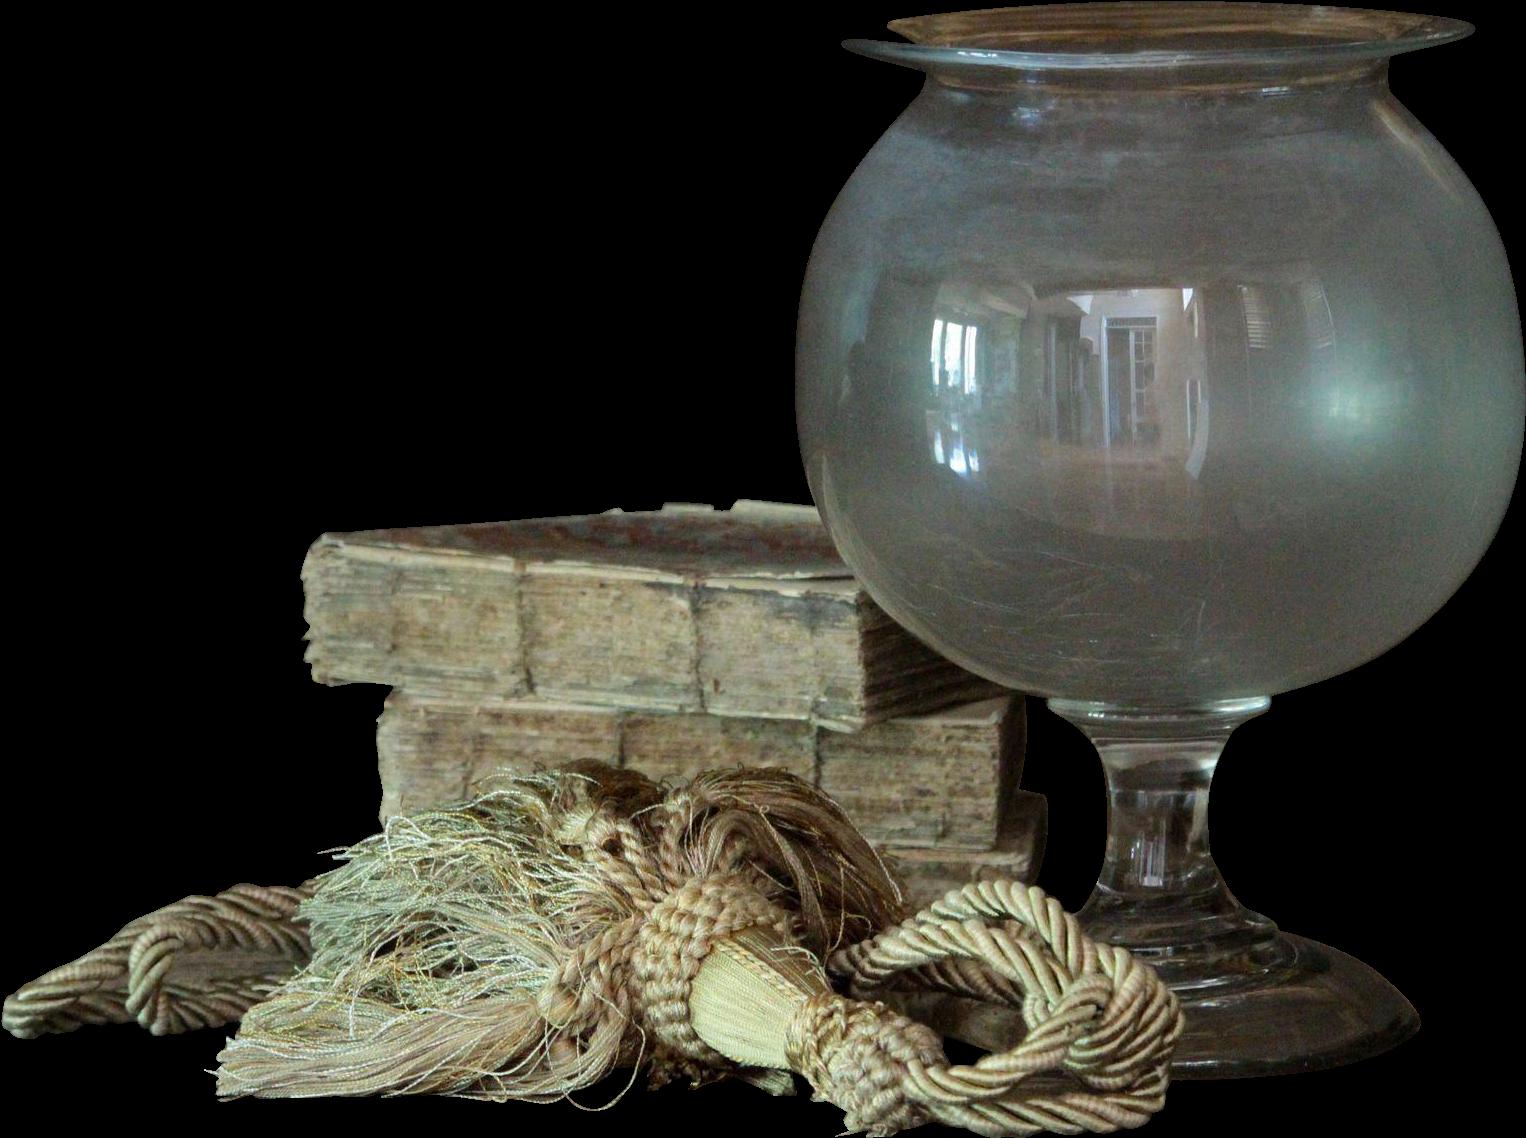 image transparent stock Mortar and pestle clipart vintage medical. Vase .